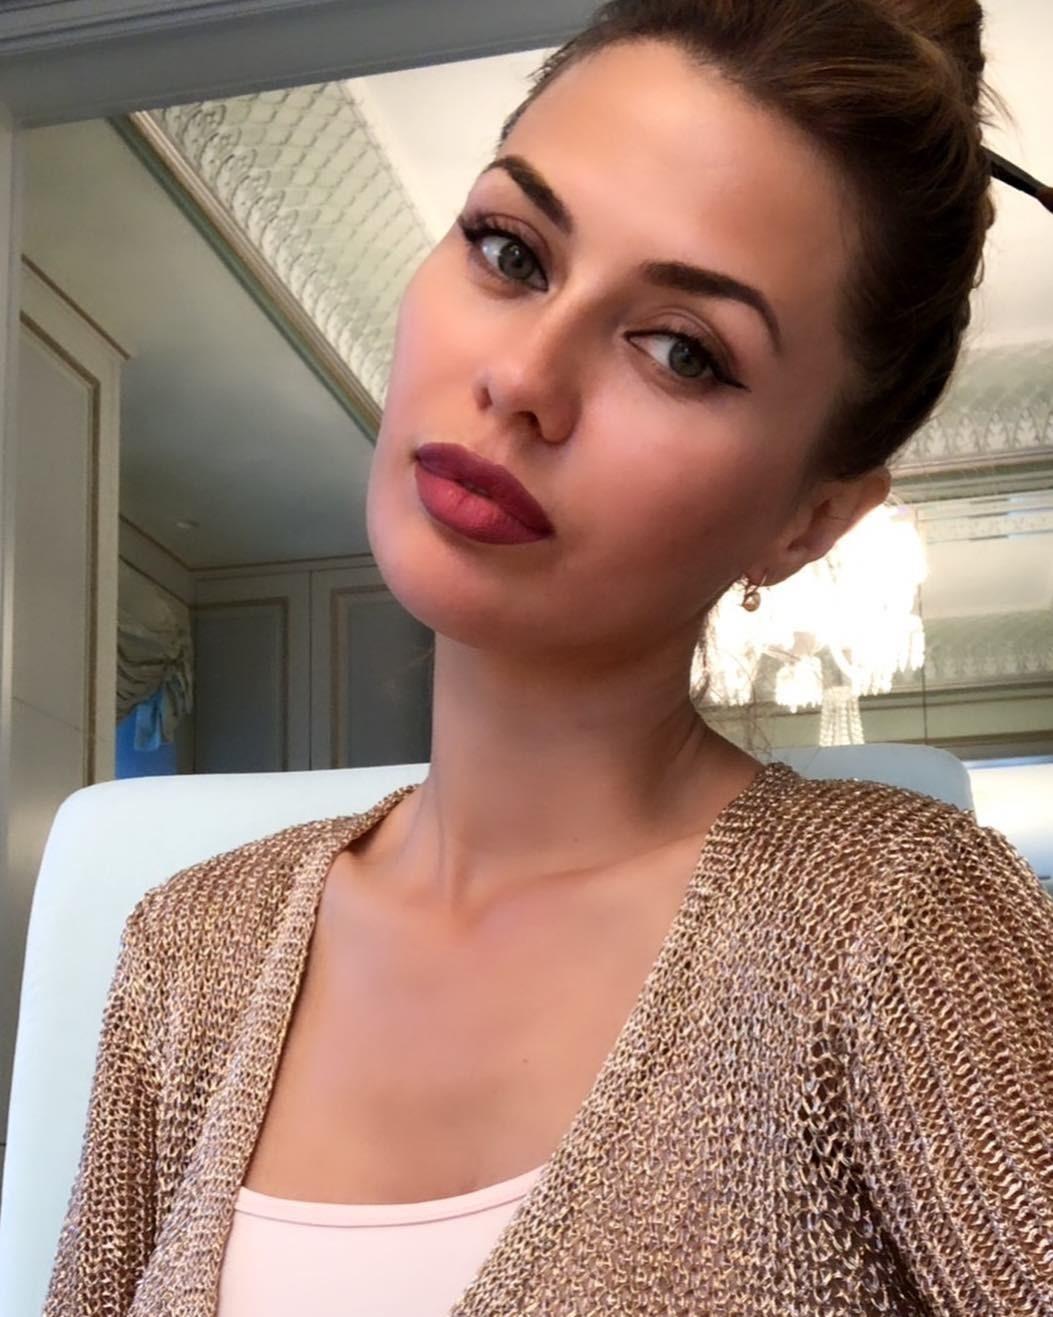 Телеведущая Виктория Боня настолько любит краситься, что недавно даже завела собственные Instagram иYouTube аккаунты, вкоторых делится секретами своей красоты. Любимой палетки или оттен...